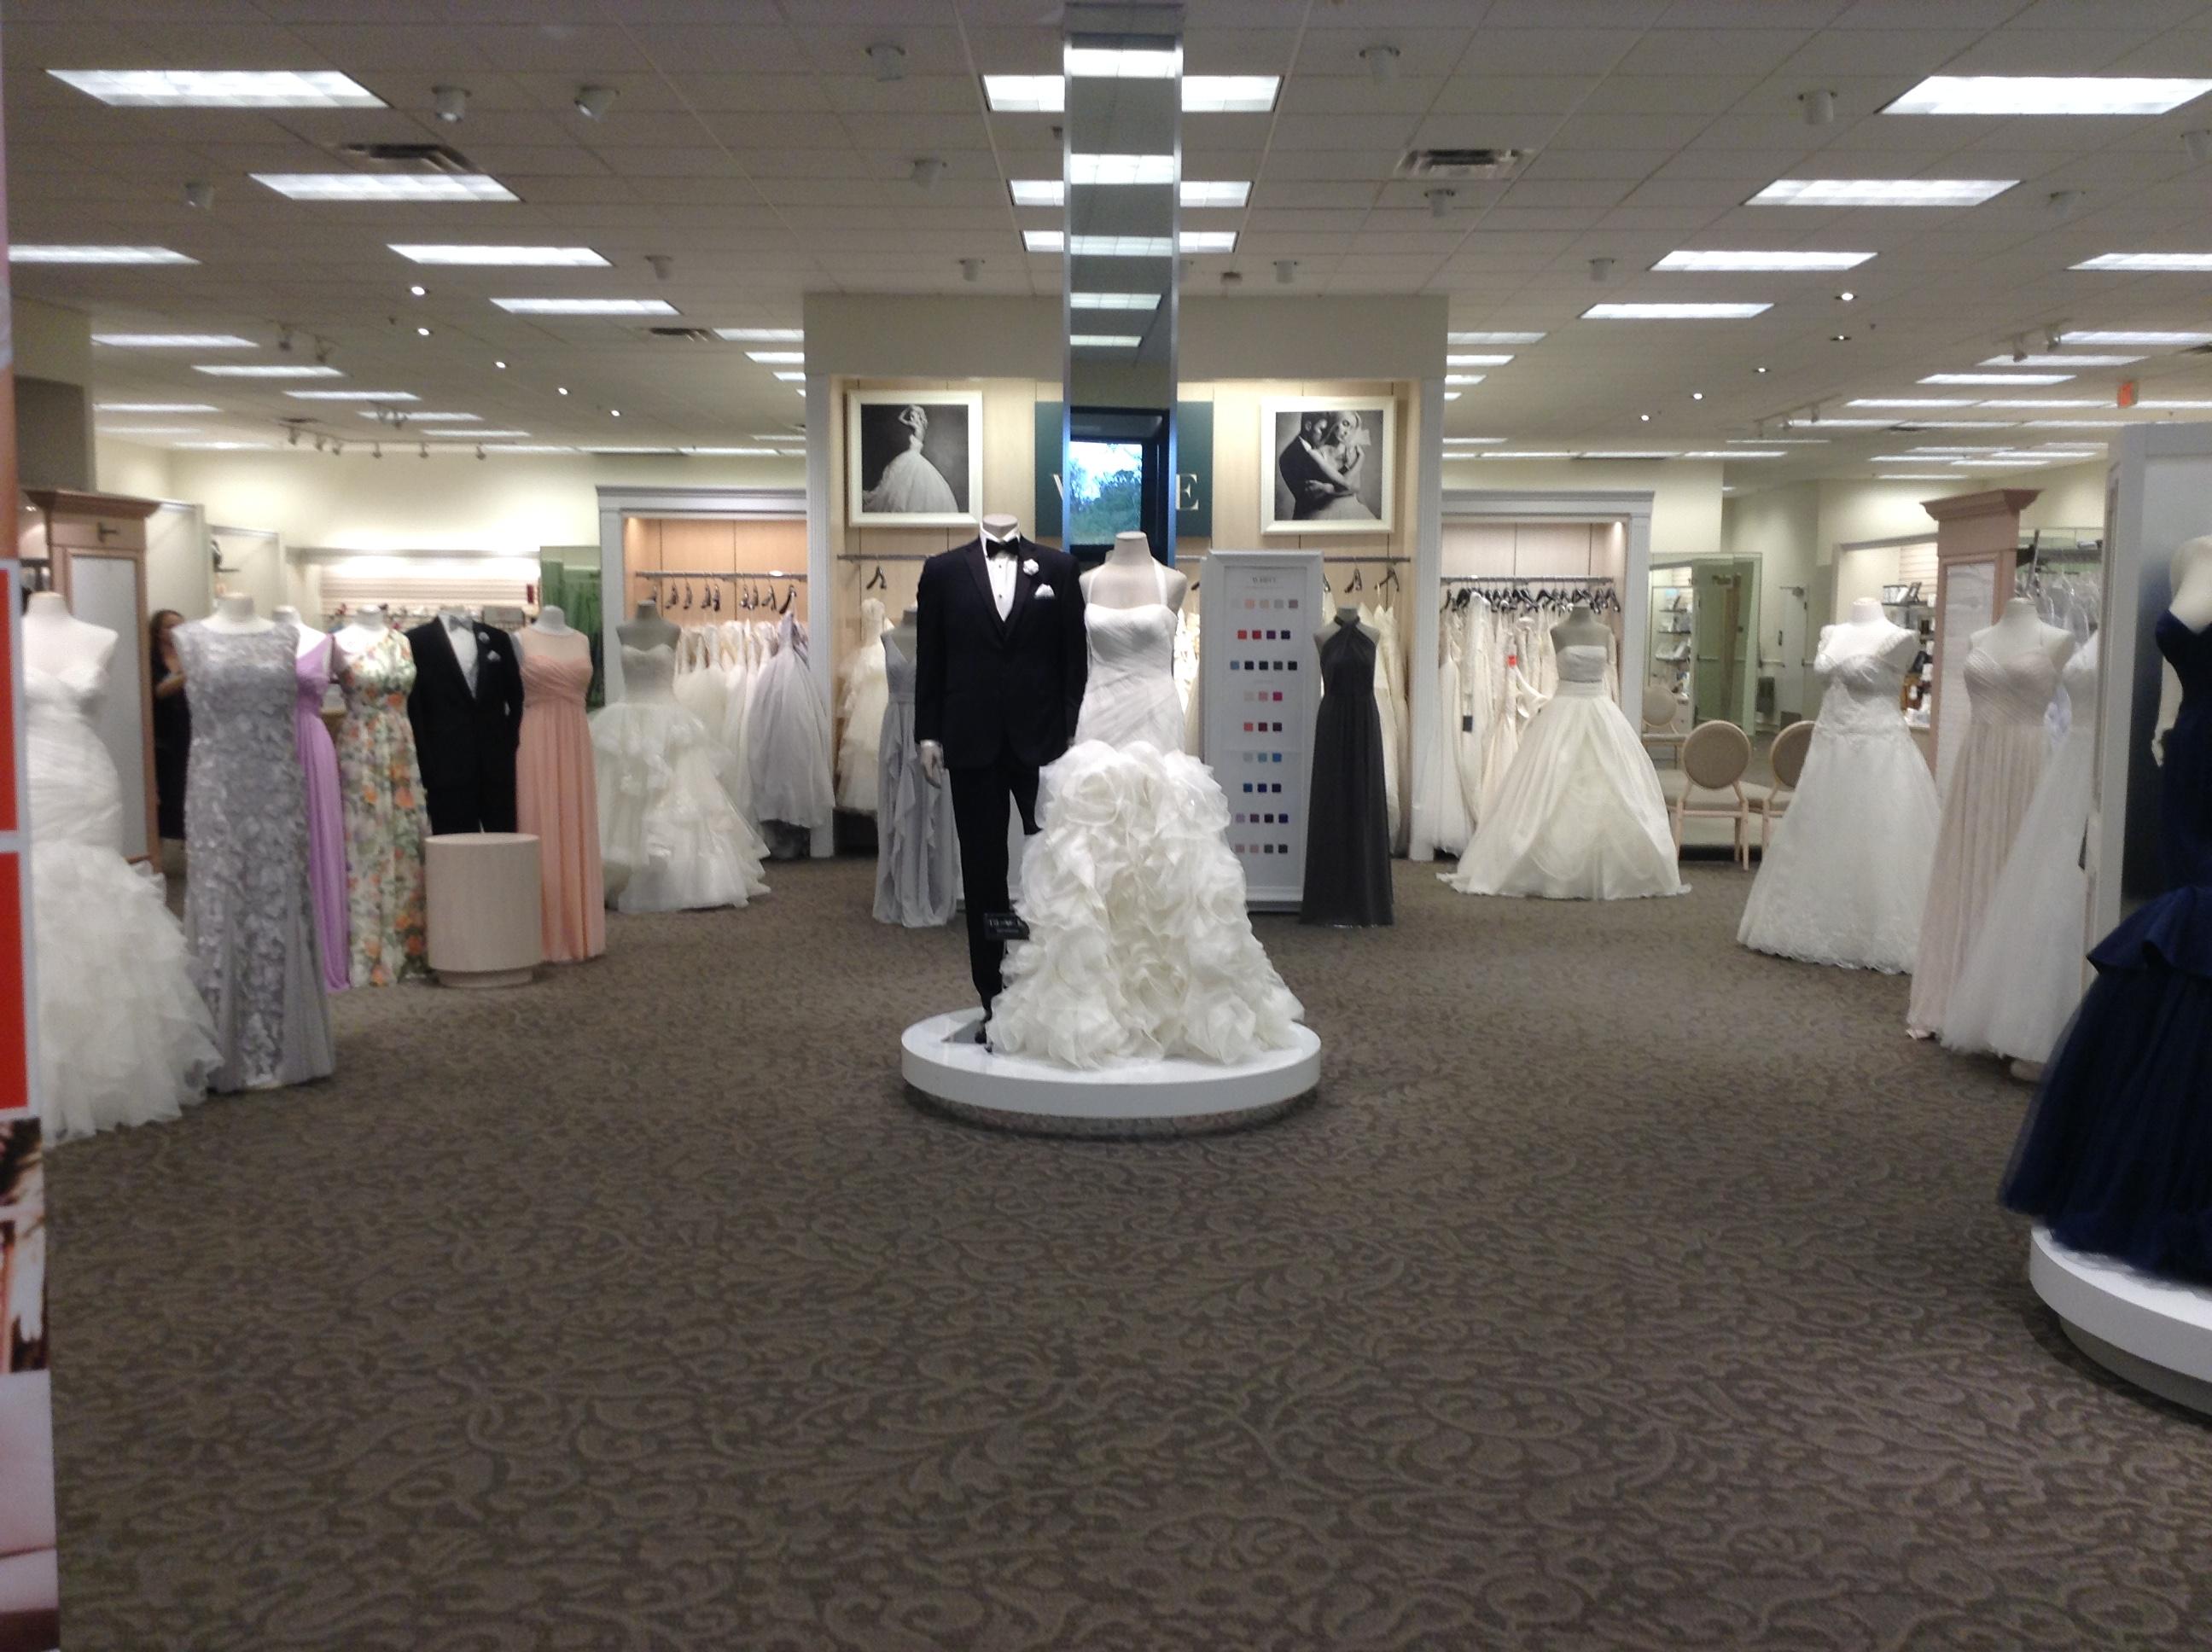 David\'s Bridal 9990 Southside Blvd, Jacksonville, FL 32256 - YP.com